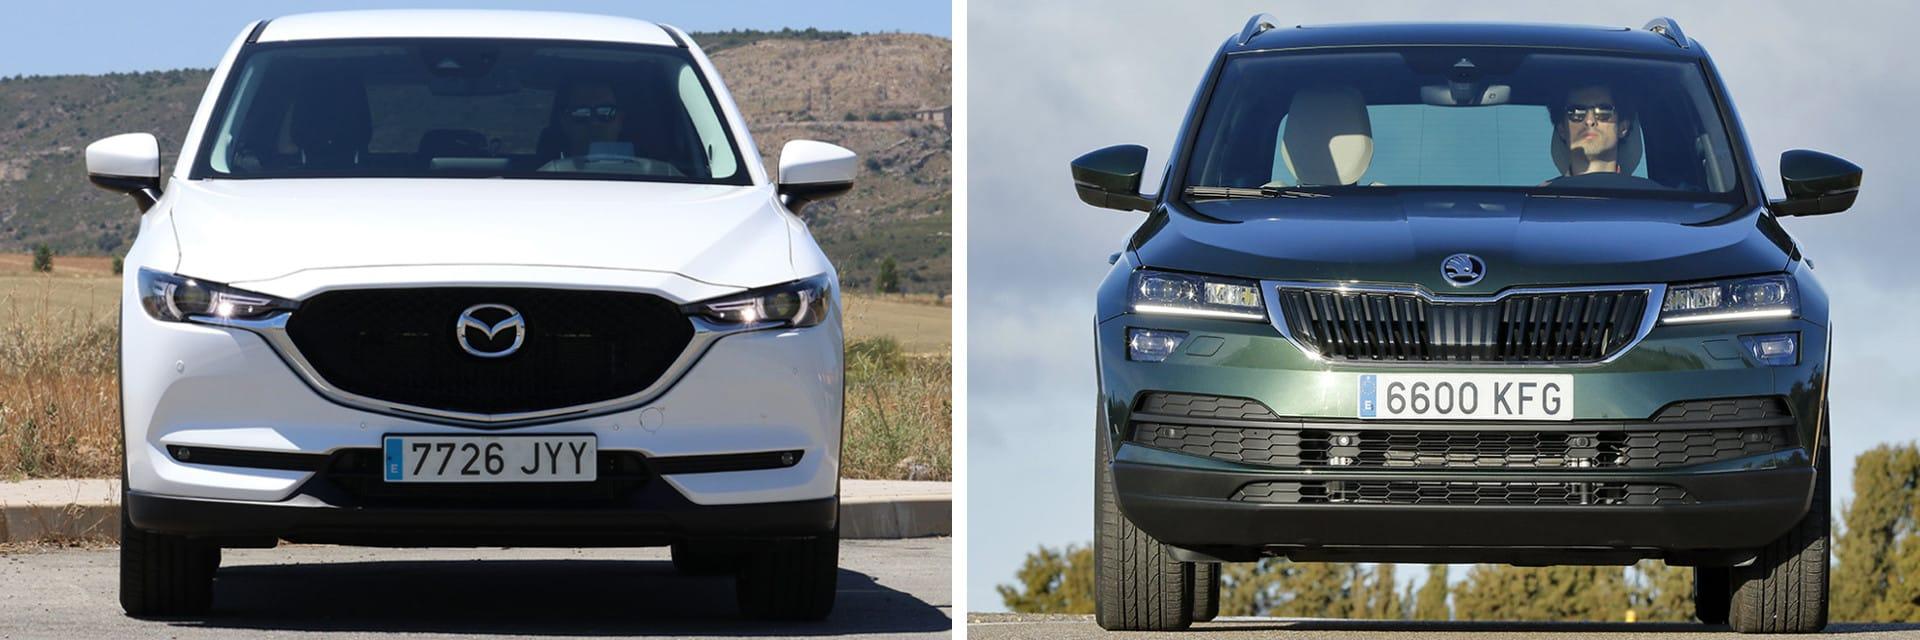 Las fotos del Mazda CX-5 (izq.) corresponden al acabado Zenith y las del Škoda Karoq (dcha.) al Style. / km77